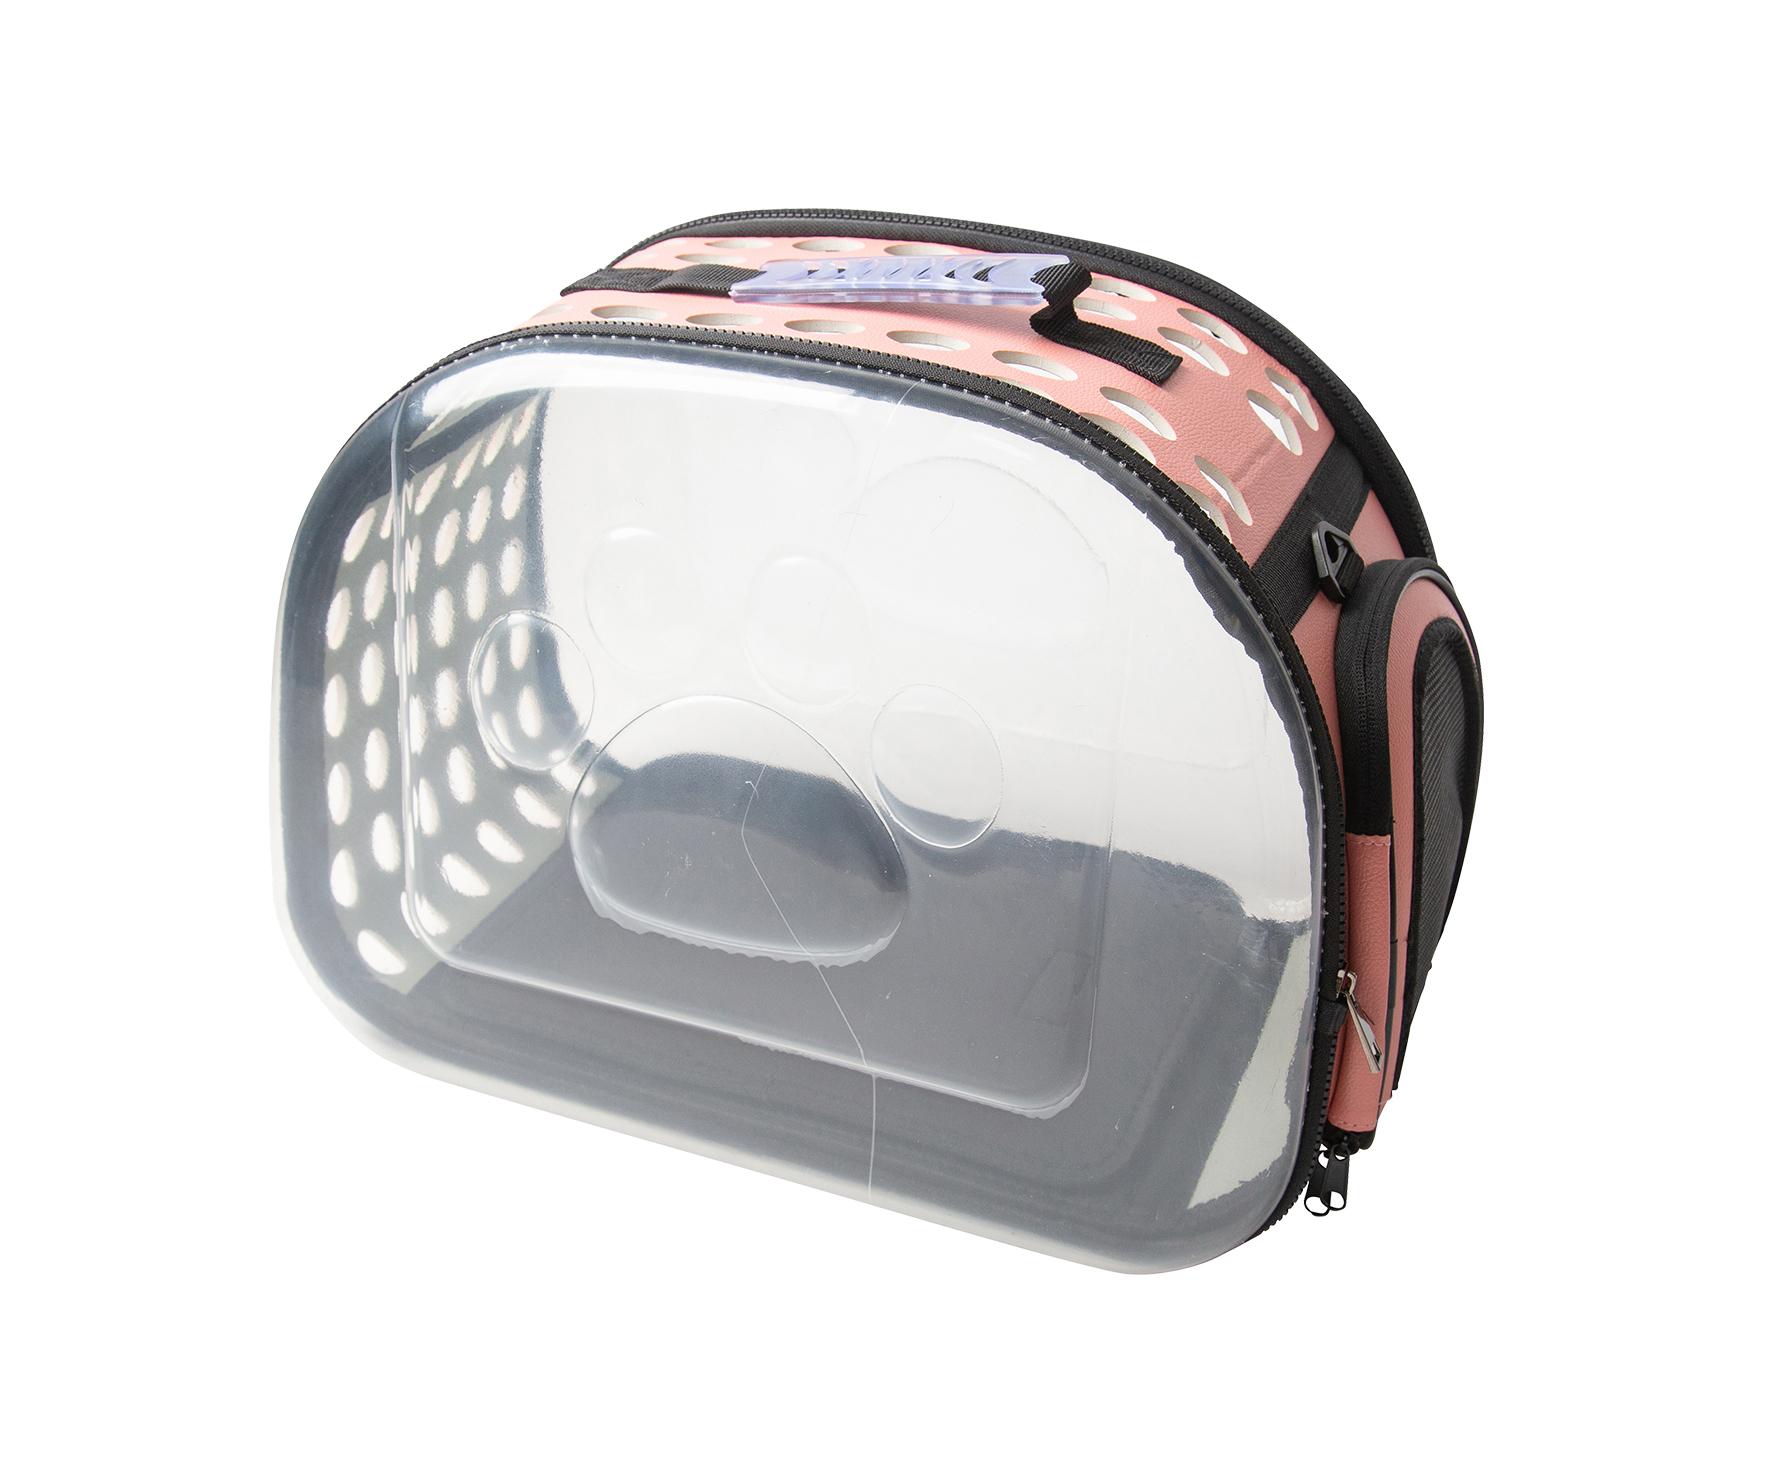 ペット用キャリーバッグ(折り畳み式)